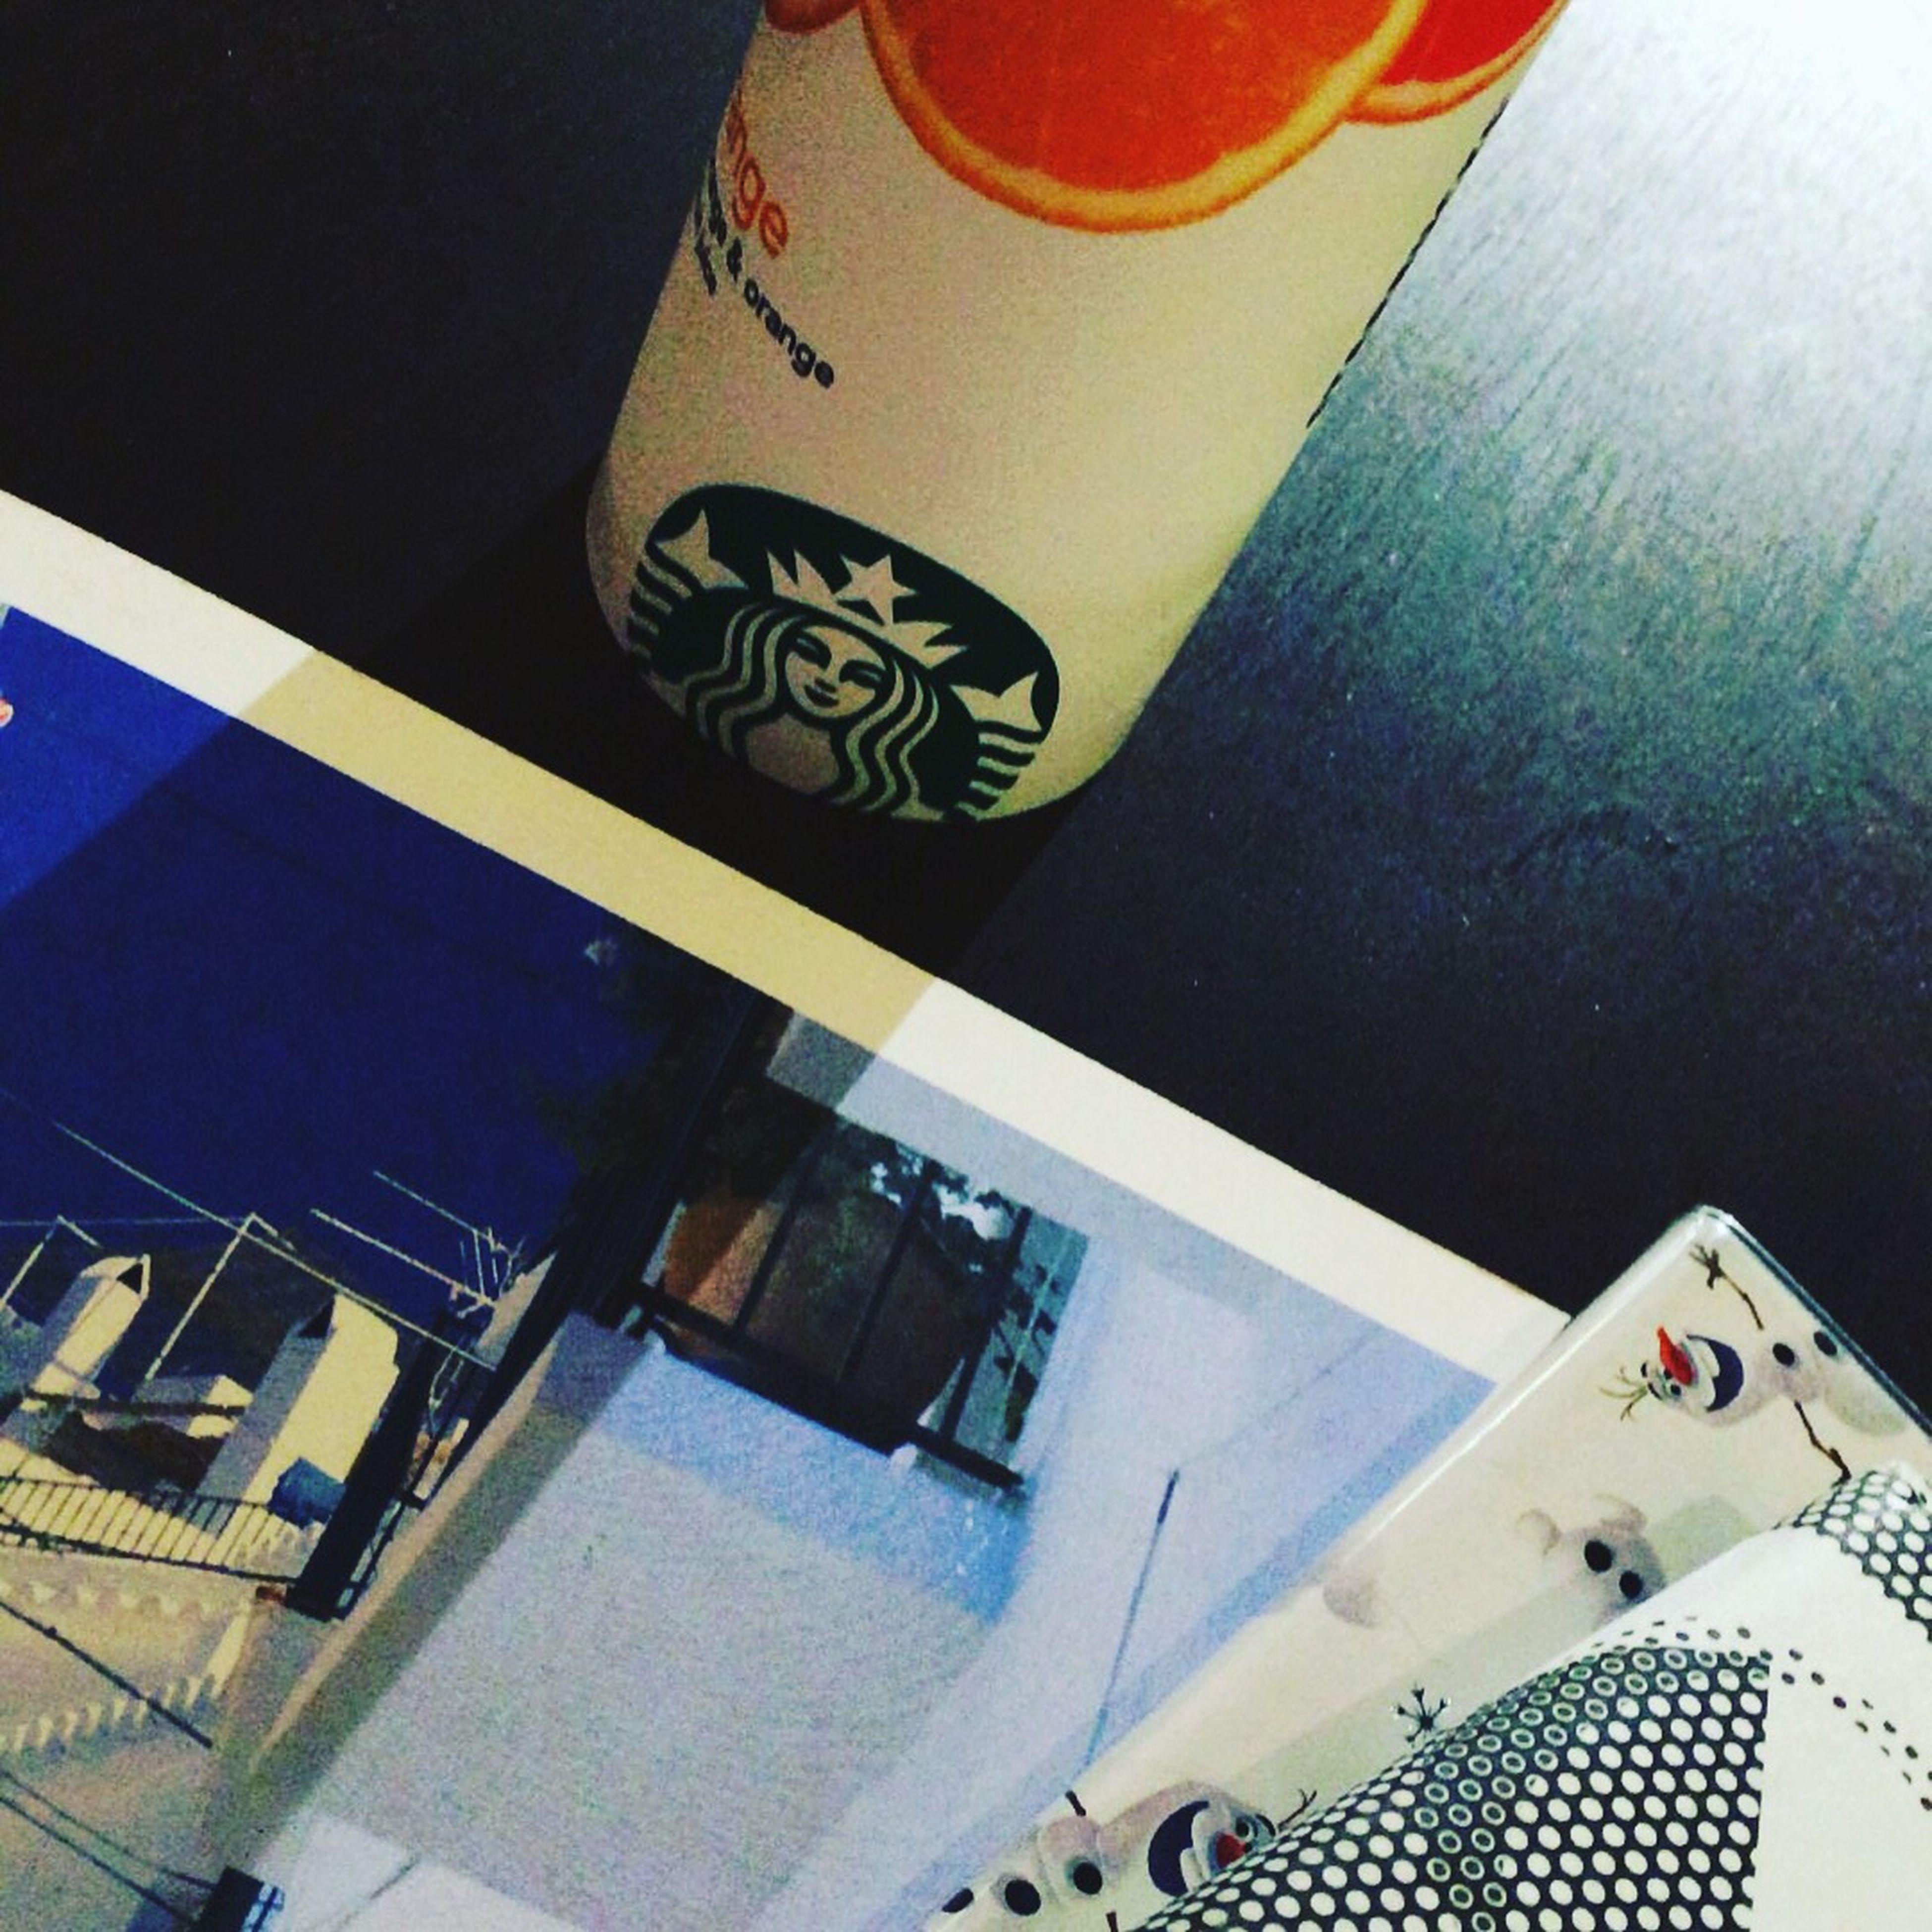 お気に入り♪( ´▽`) 二子玉 蔦屋家電 Starbucks Study Cafe